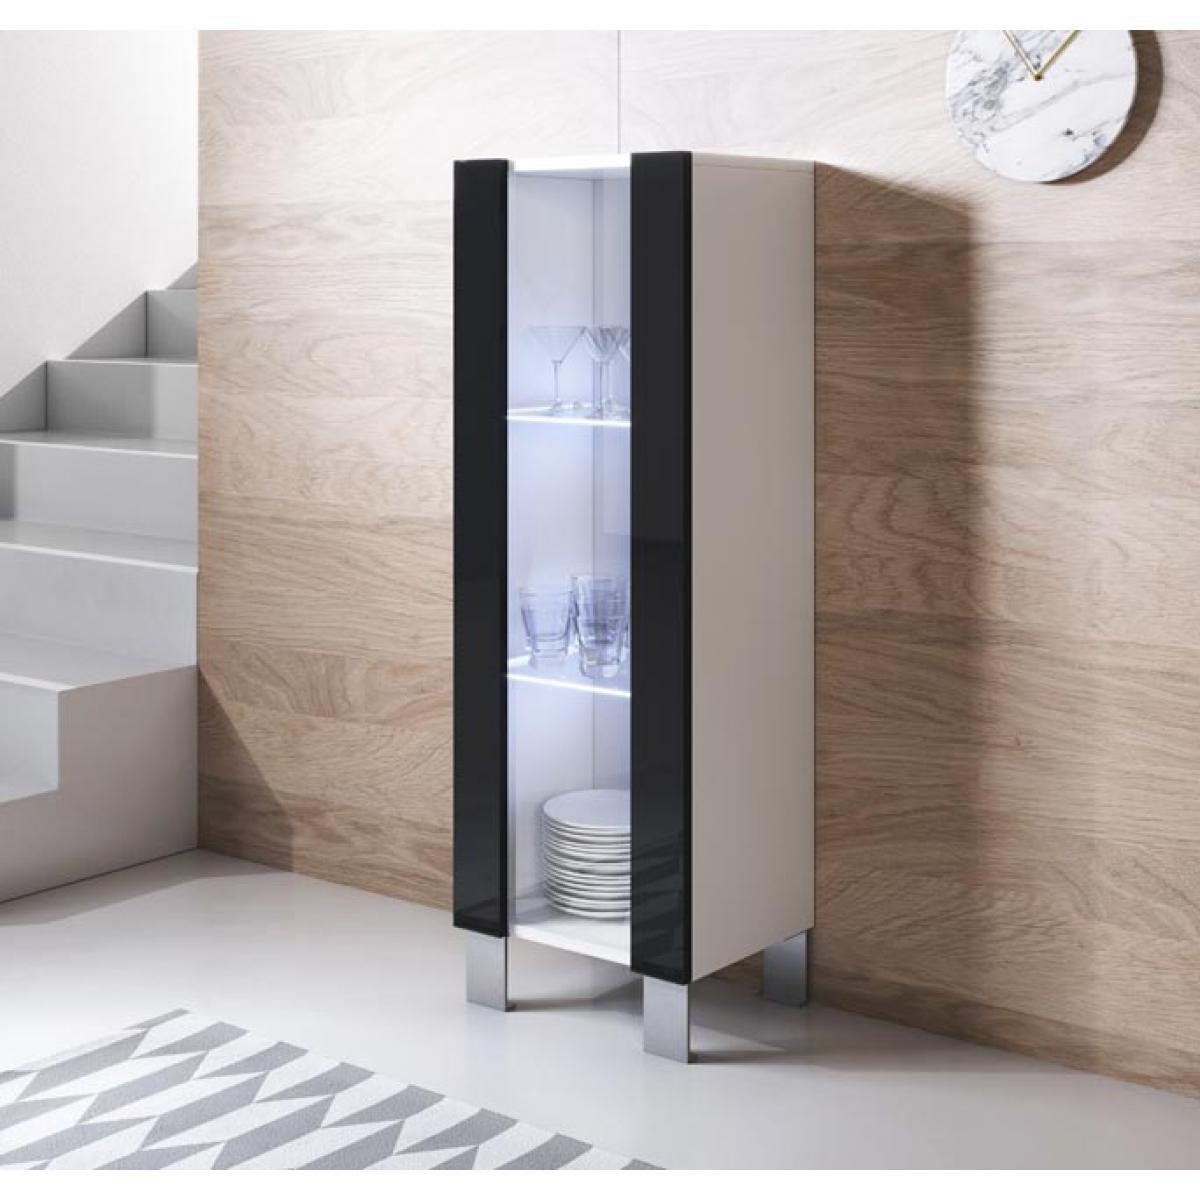 Design Ameublement Vitrine modèle Luke V2 (40x138cm) couleur blanc et noir avec pieds en aluminium